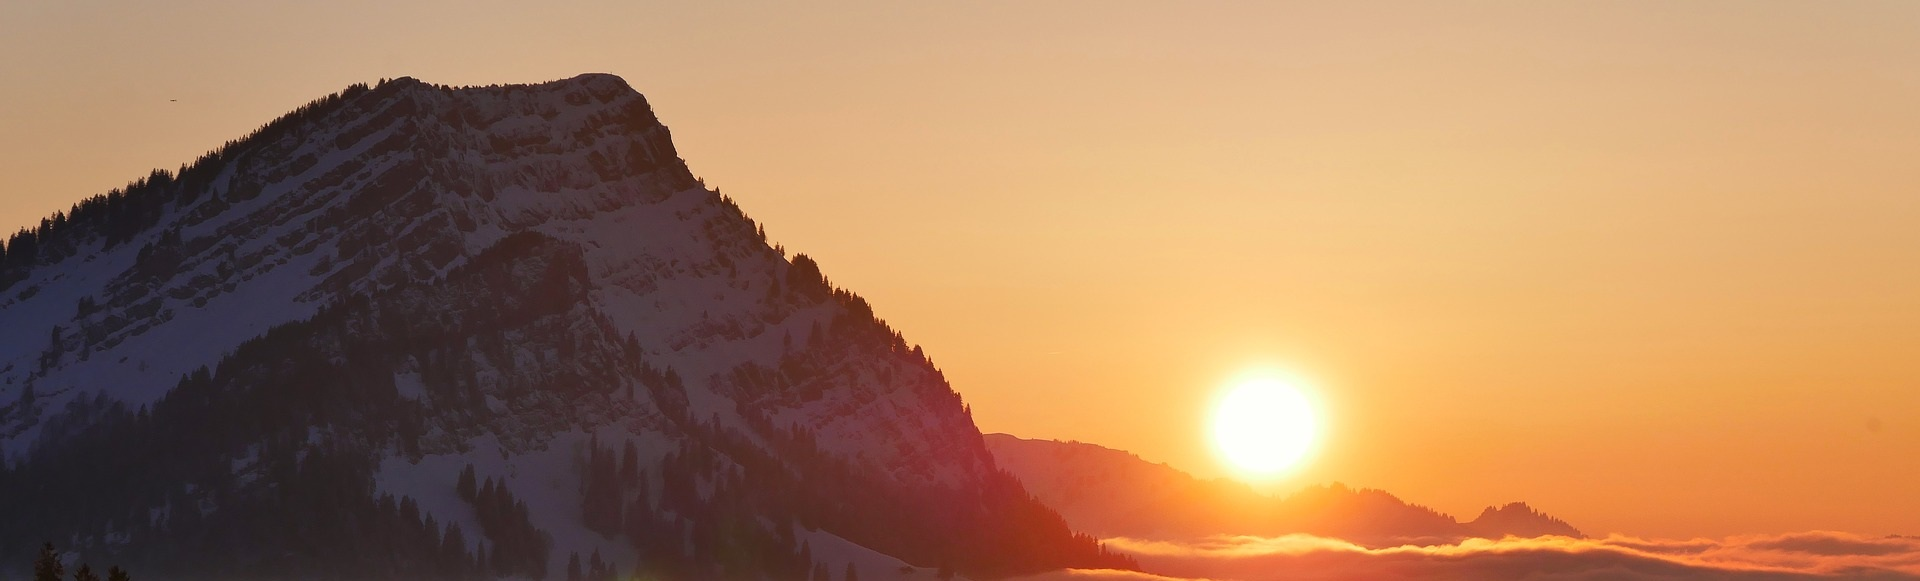 Solnedgång över vinterberg.